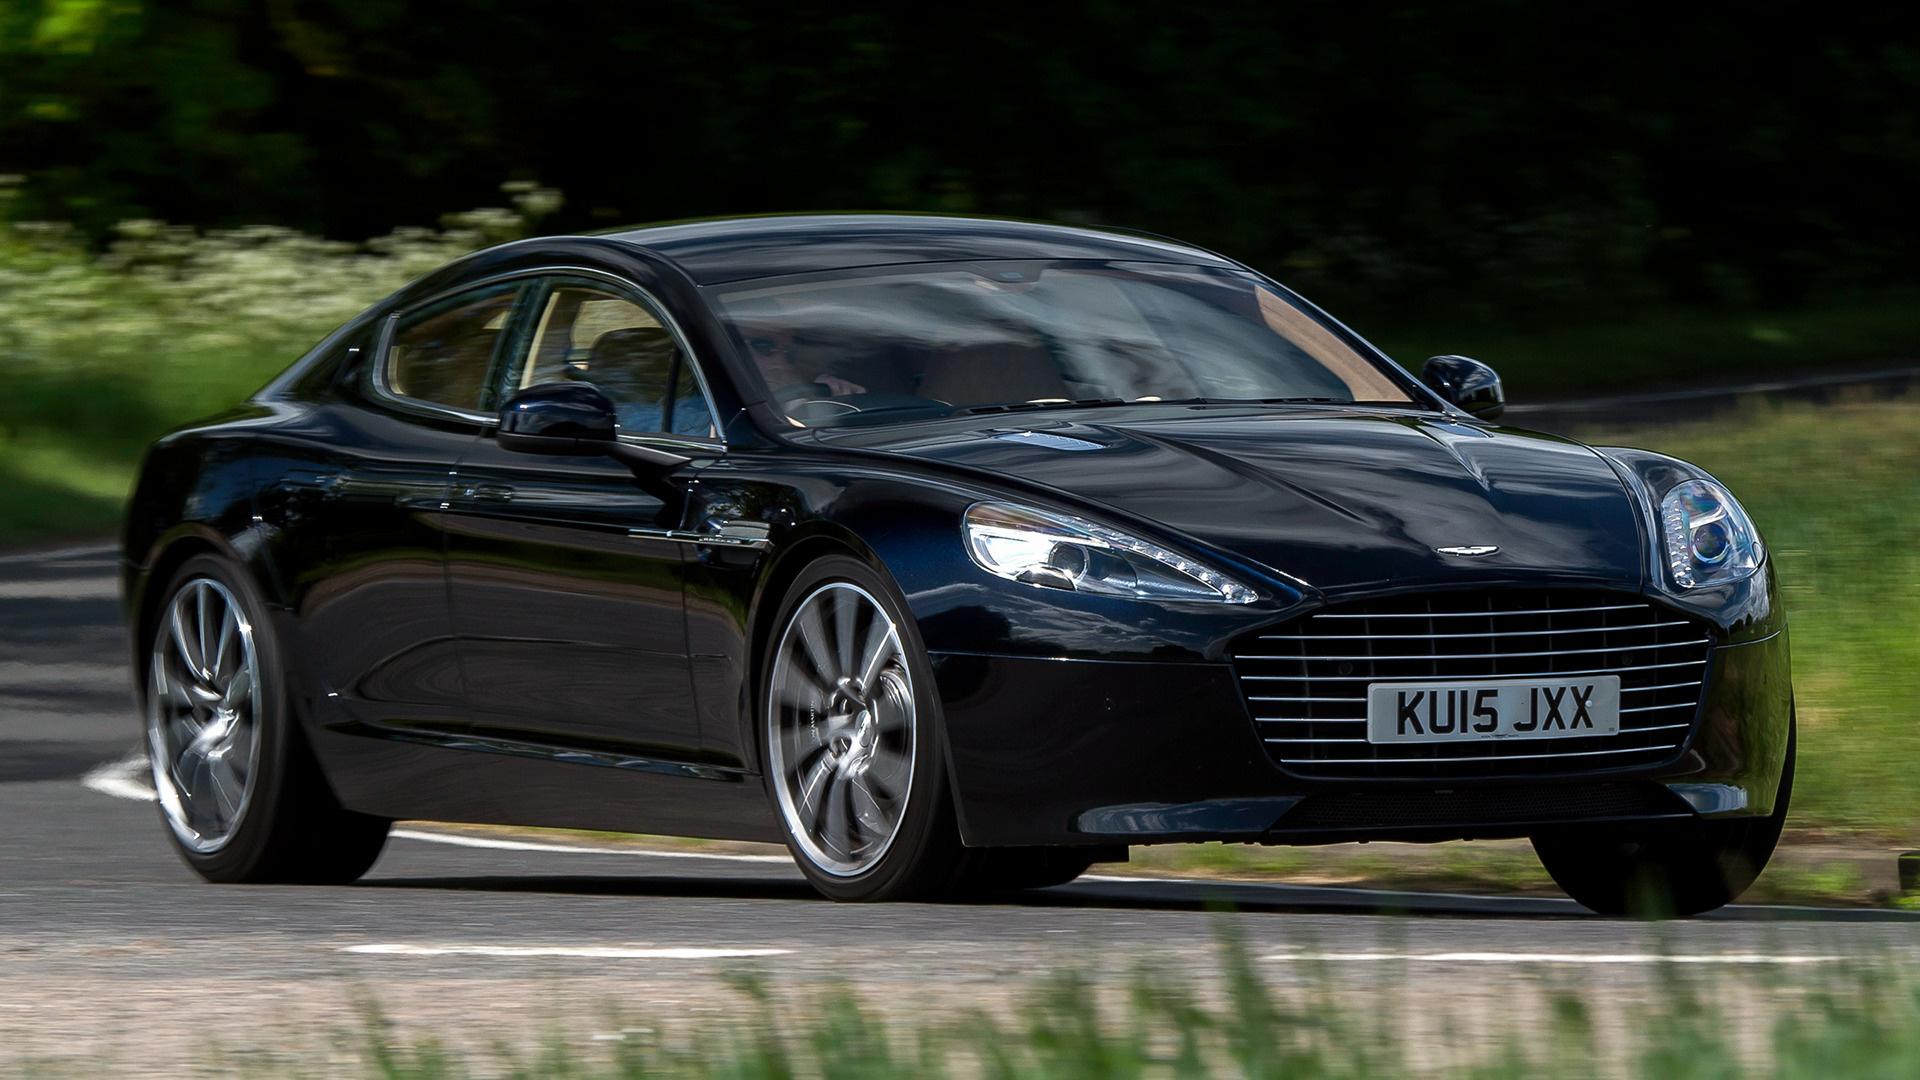 2013 Aston Martin Rapide S Uk Hintergrundbilder Und Wallpaper In Hd Car Pixel